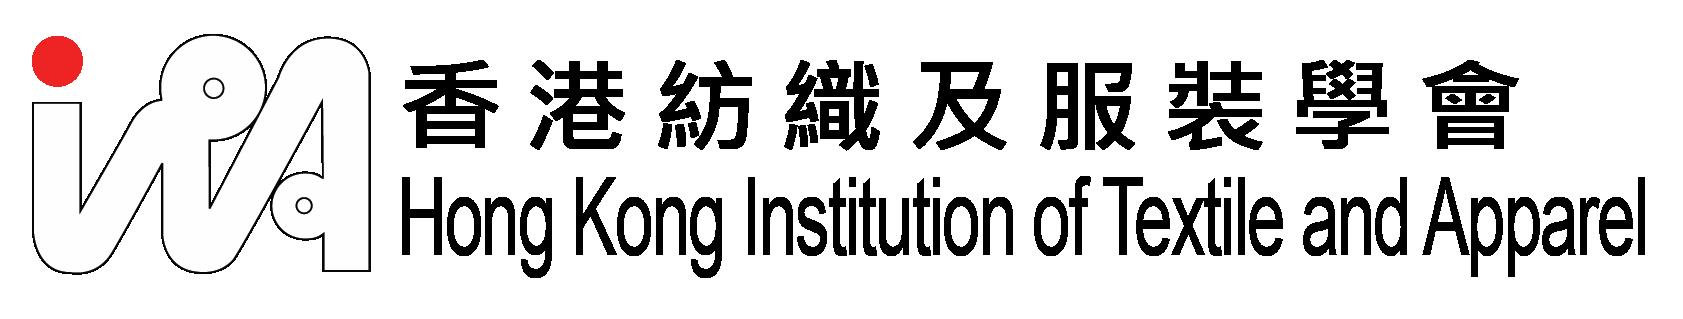 HKITA